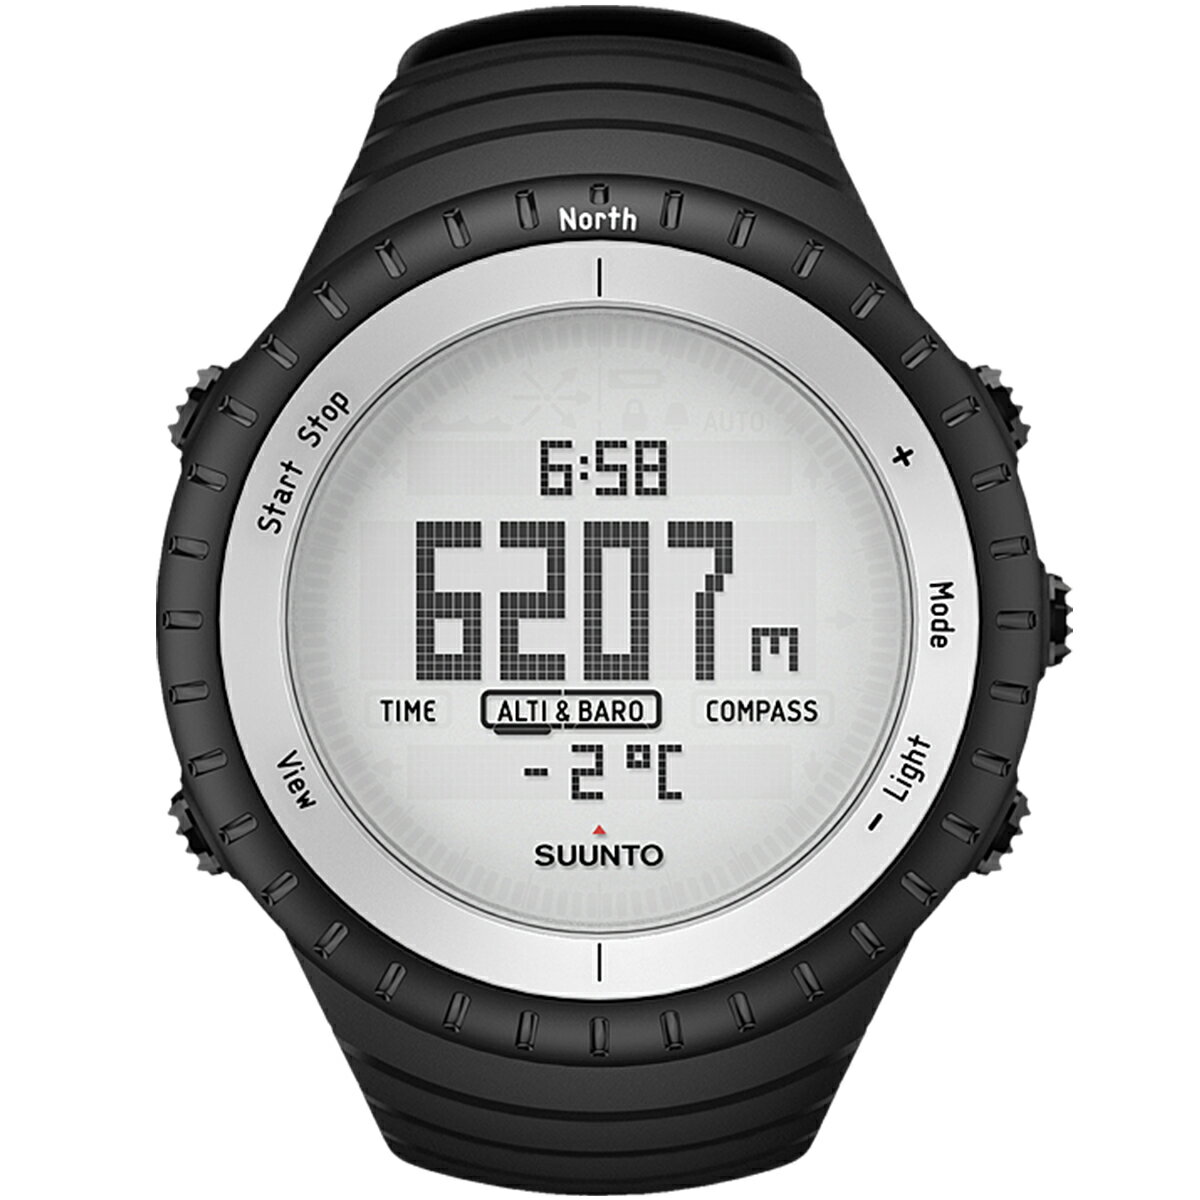 【定価より56%off】SUUNTO スント SS016636000 コア グレイシャーグレイ CORE GLACIER GRAY スントコア メンズ レディース 時計 腕時計 山岳 登山 トレッキング ハイキング[あす楽]